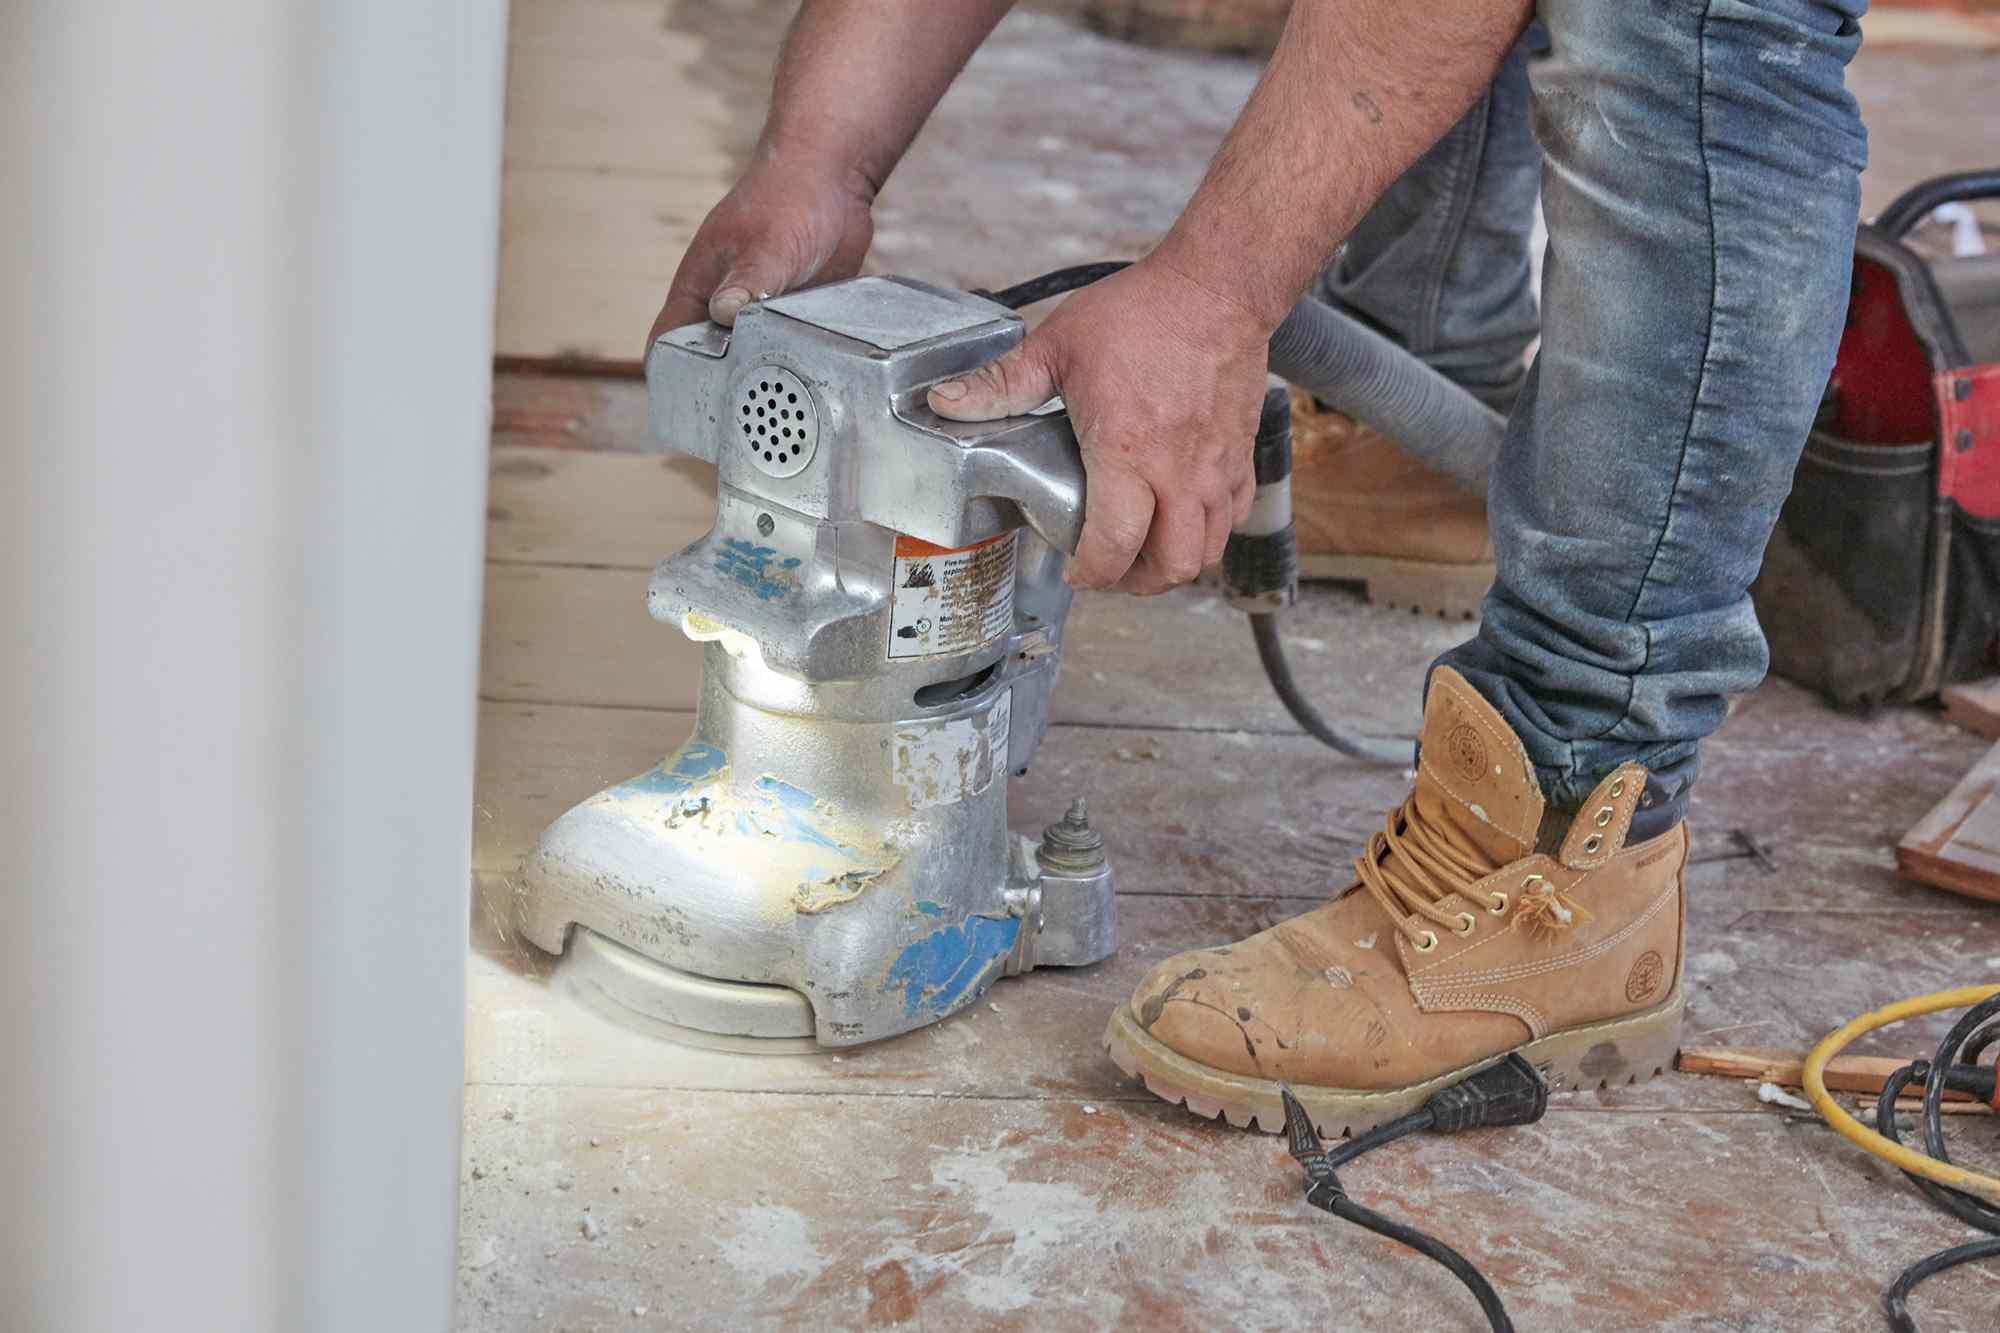 Sanding machine passing across wooden floor by hand